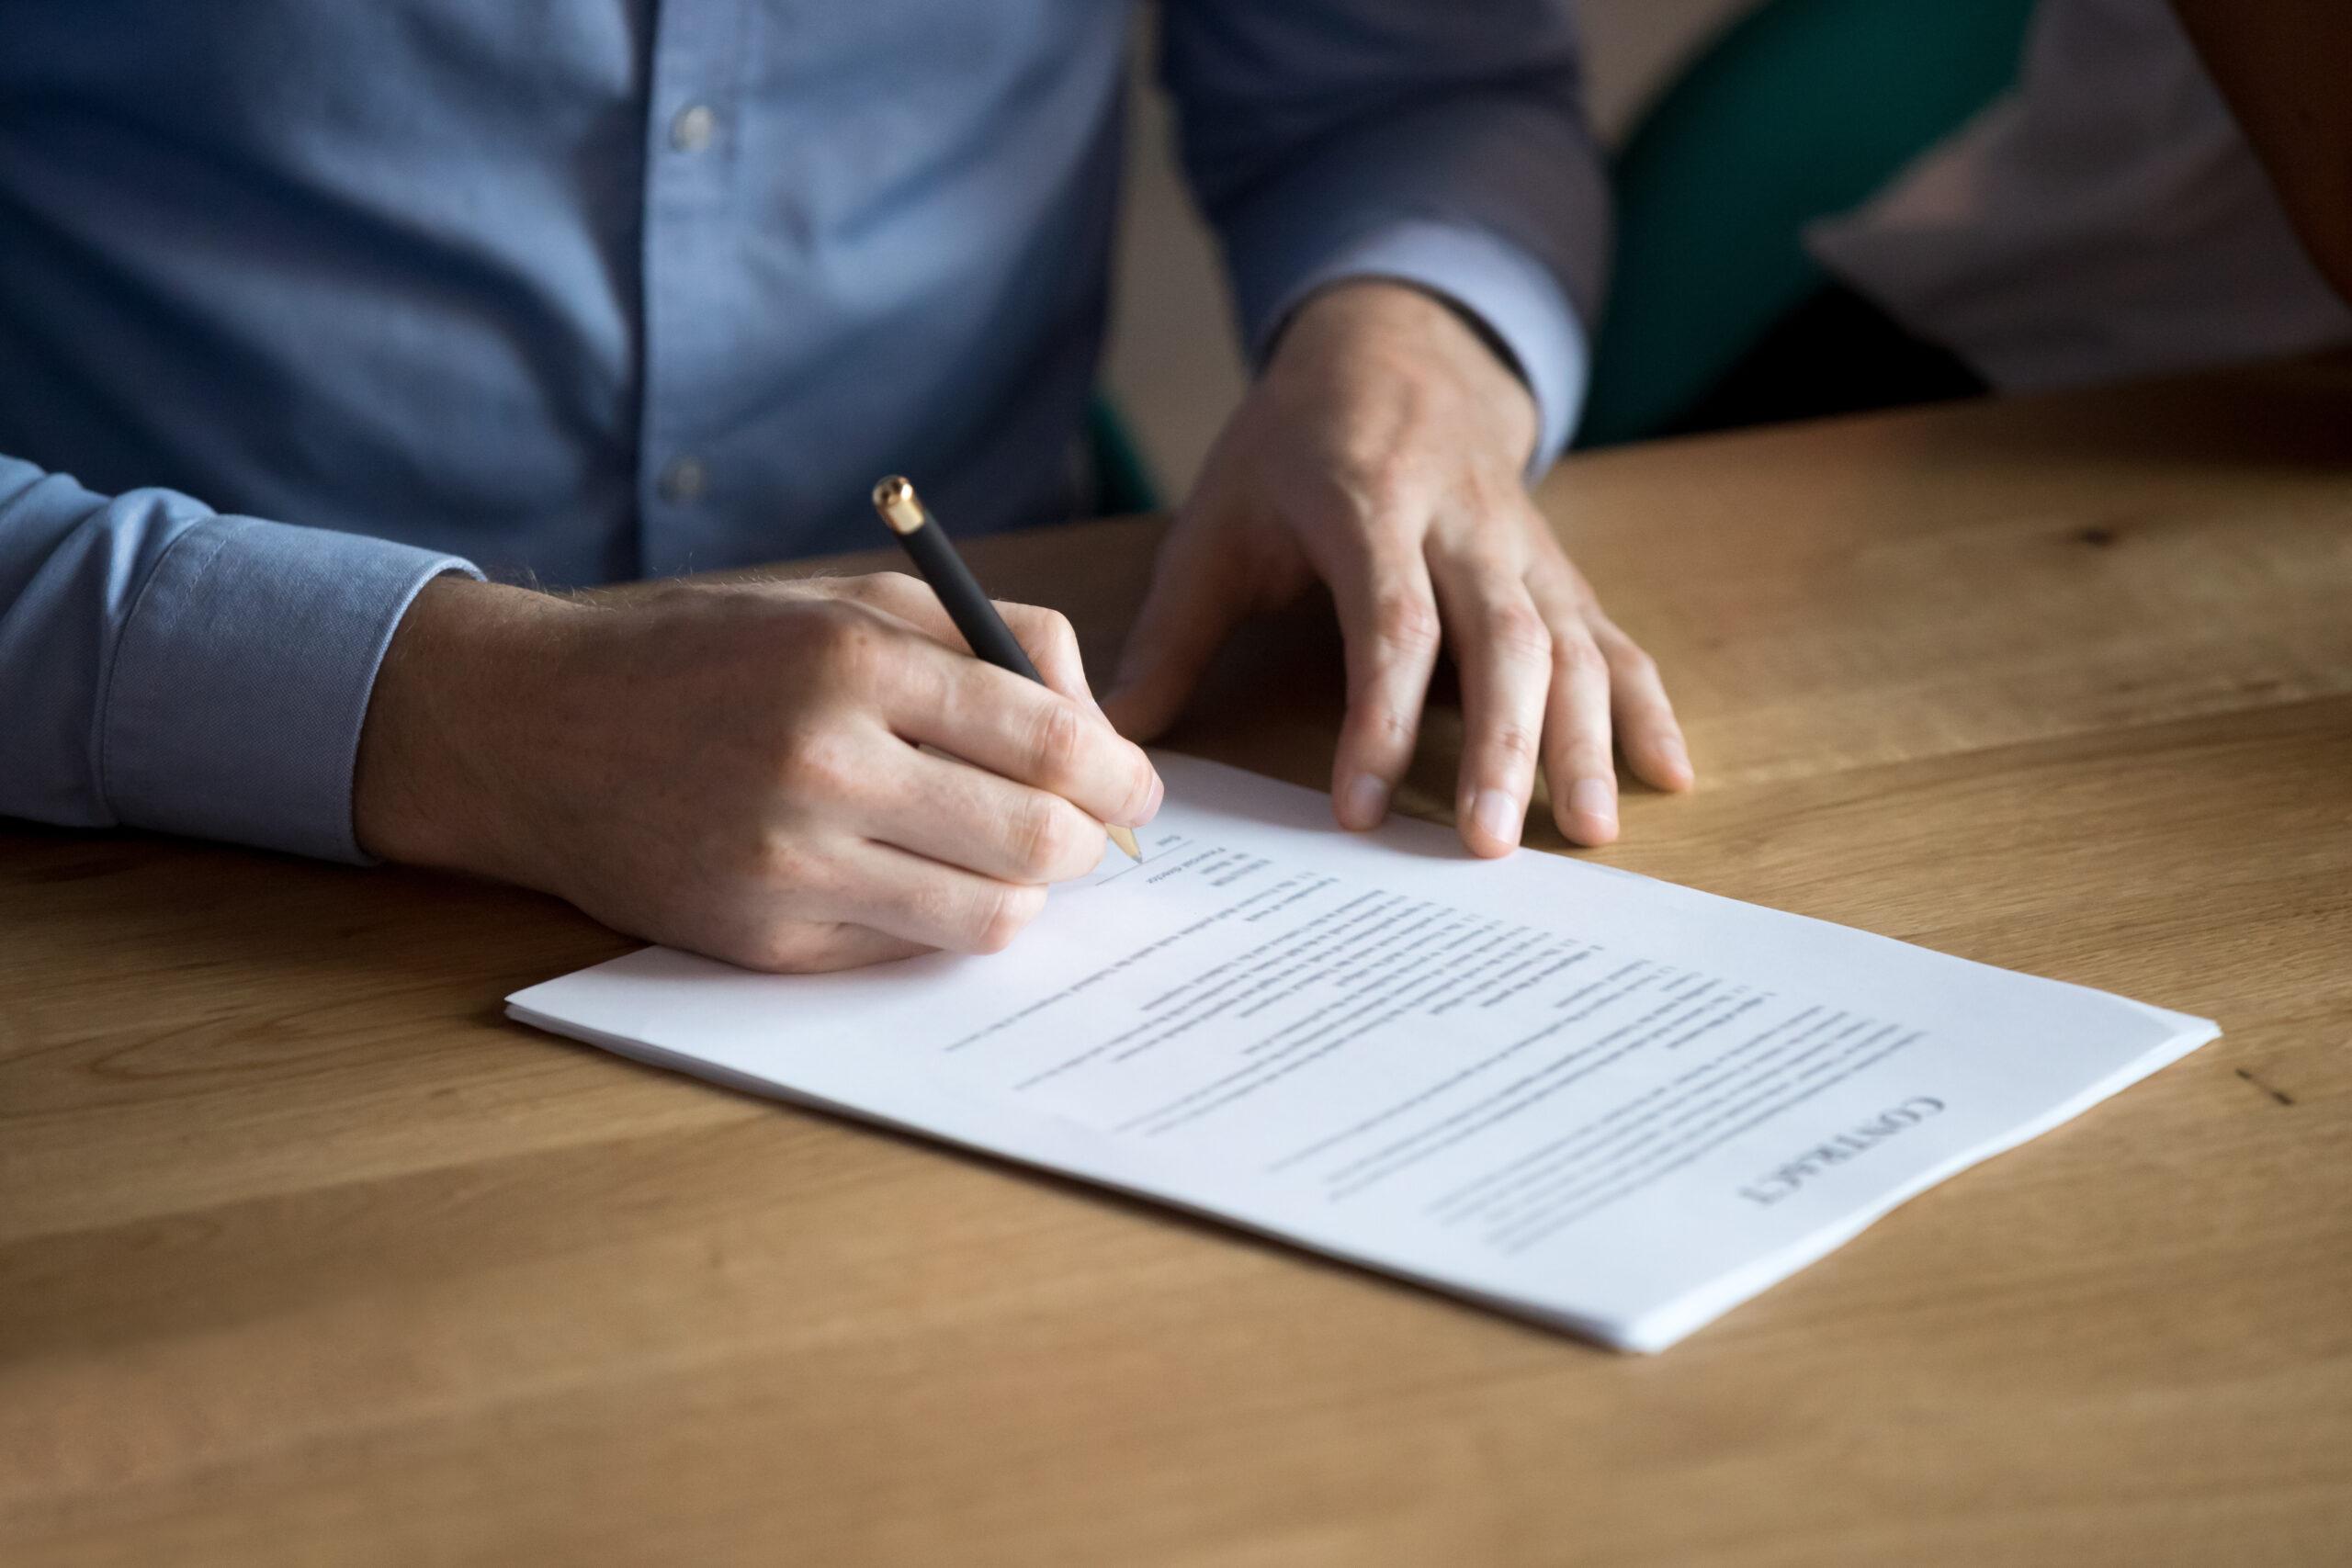 Obowiązek zgłaszania umowy o dzieło już od 1 stycznia 2021 r.